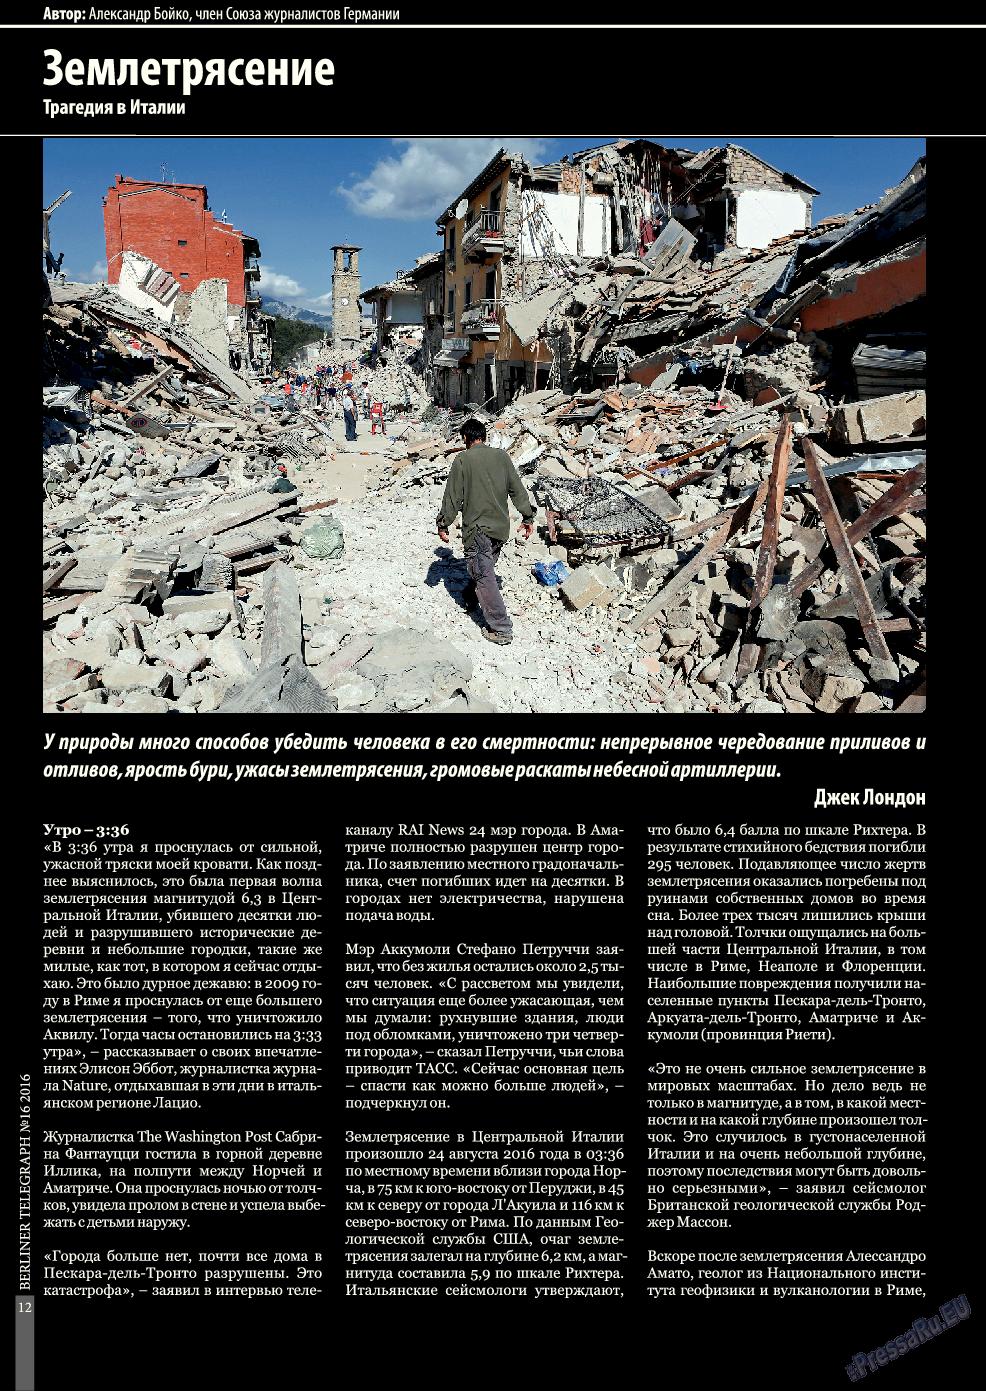 Берлинский телеграф (журнал). 2016 год, номер 16, стр. 12